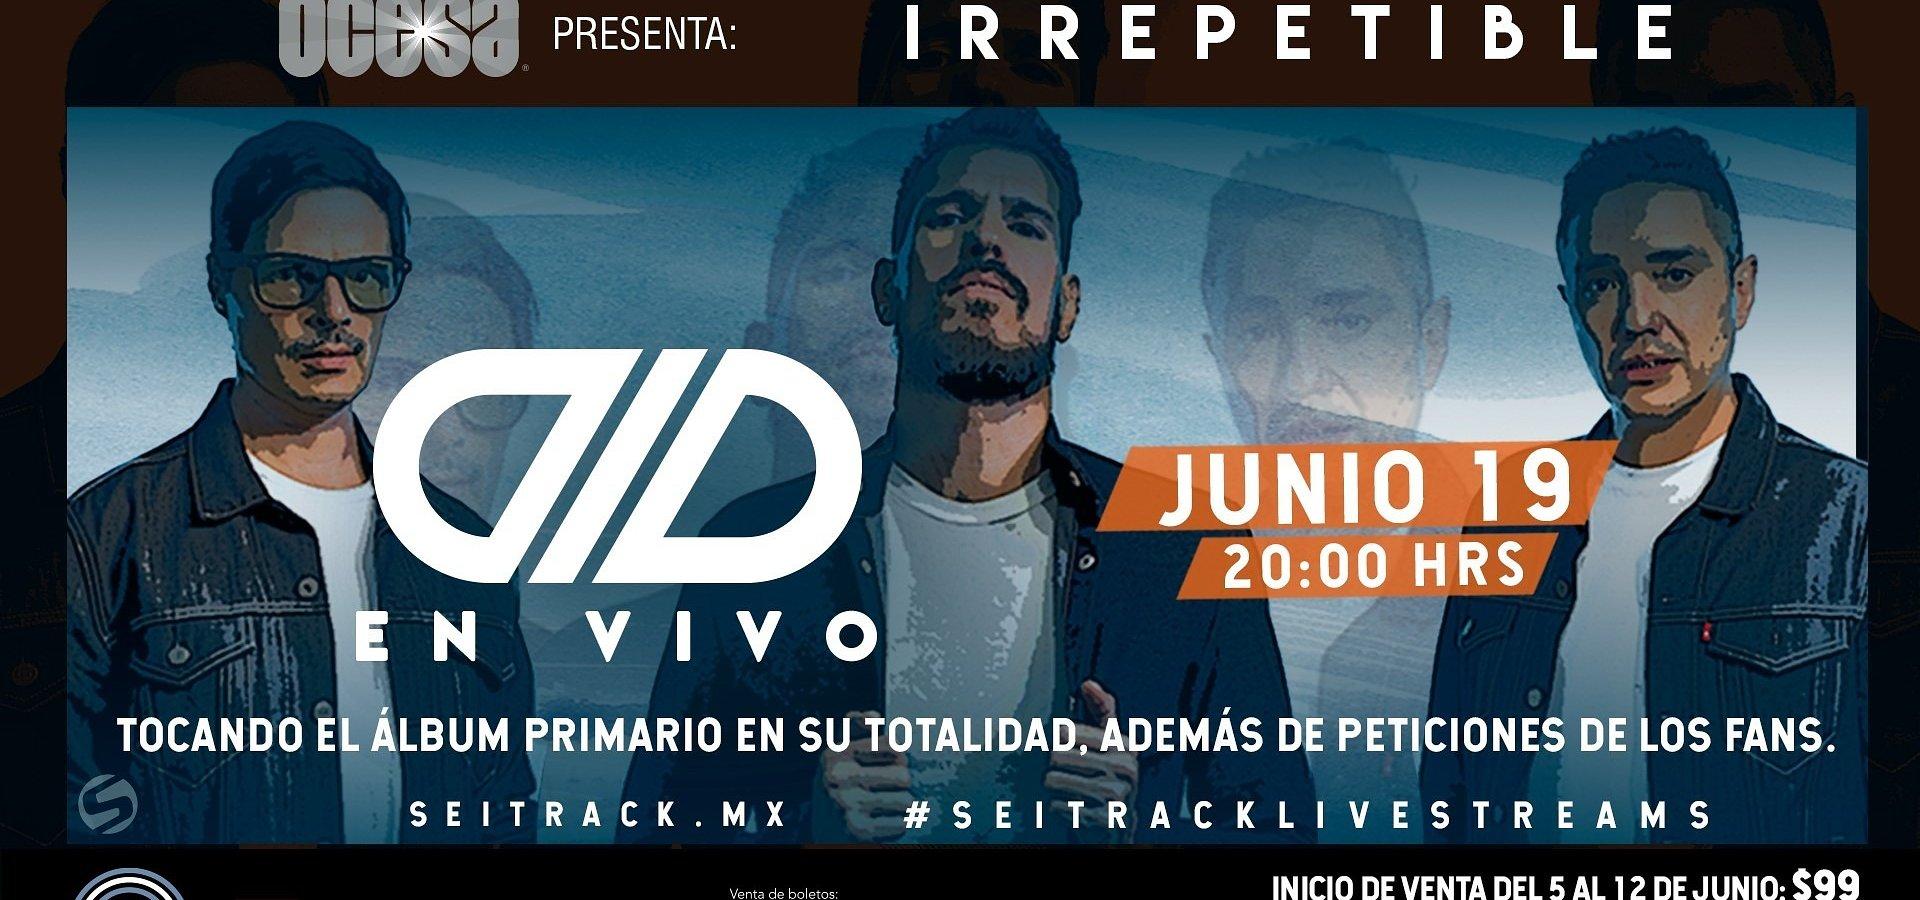 DLD anuncia concierto en vivo vía streaming